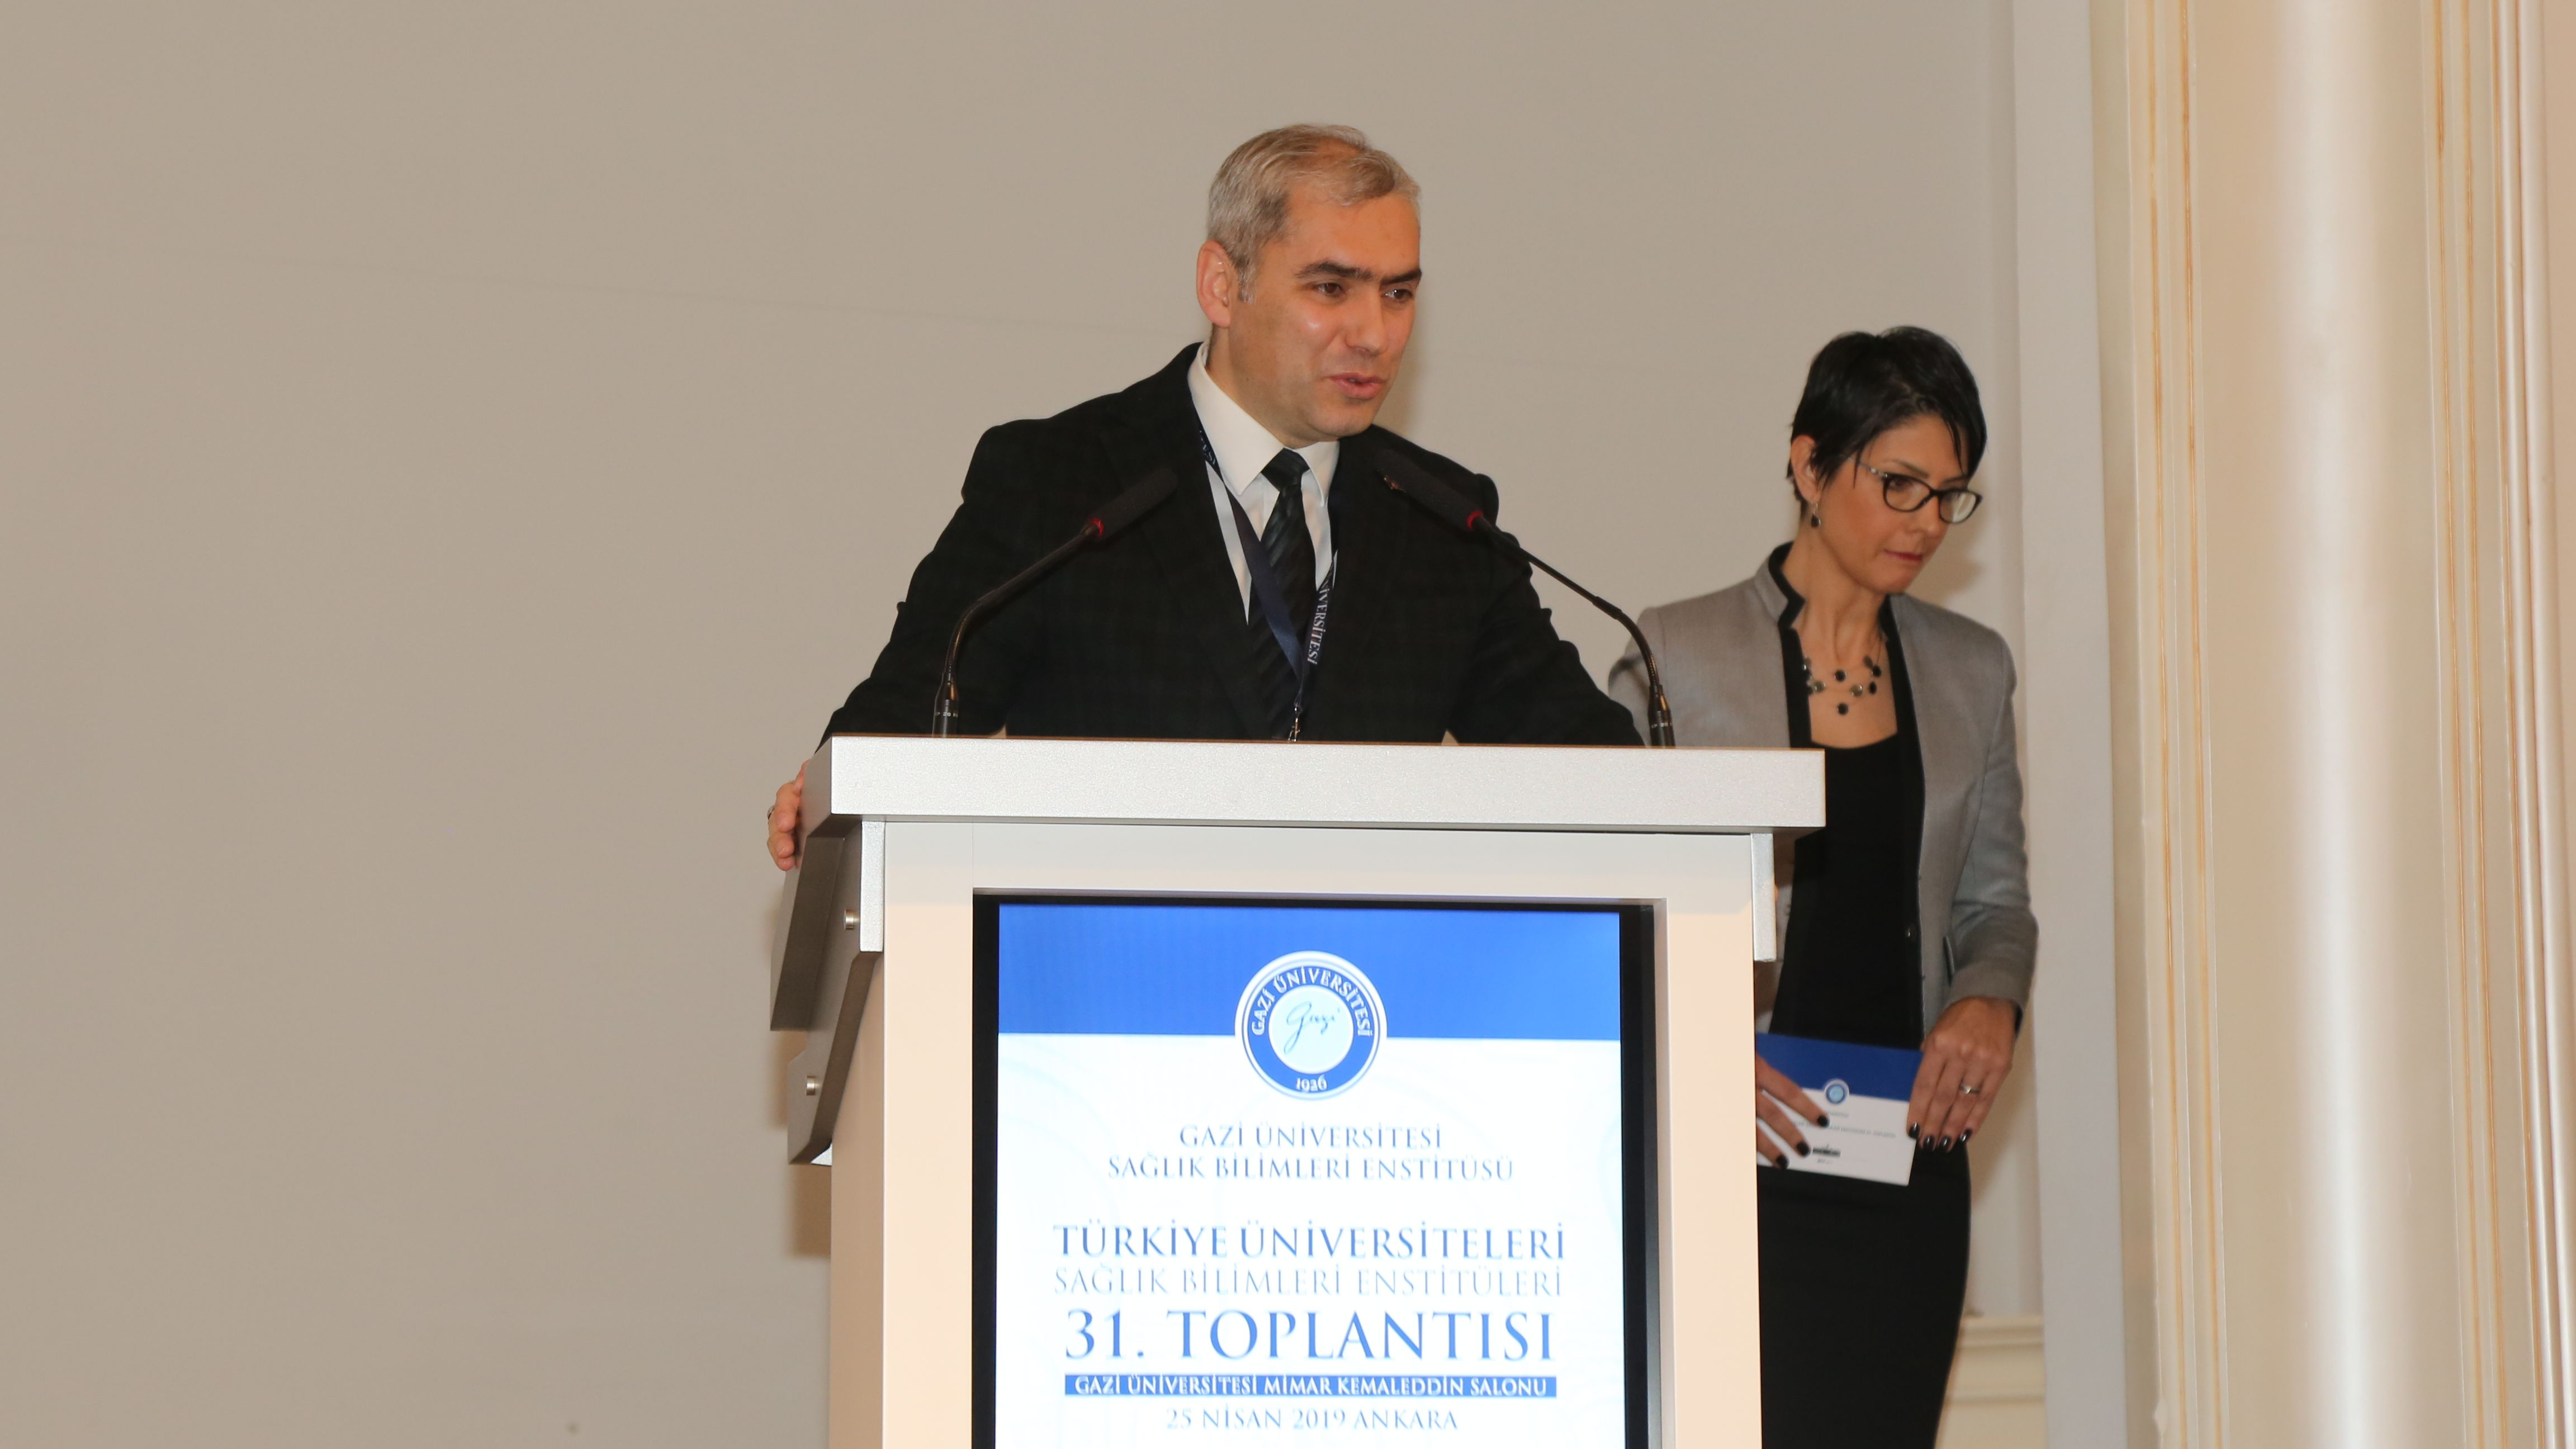 31-turkiye-universiteleri-saglik-bilimleri-enstituleri-toplantisi-26042019162011